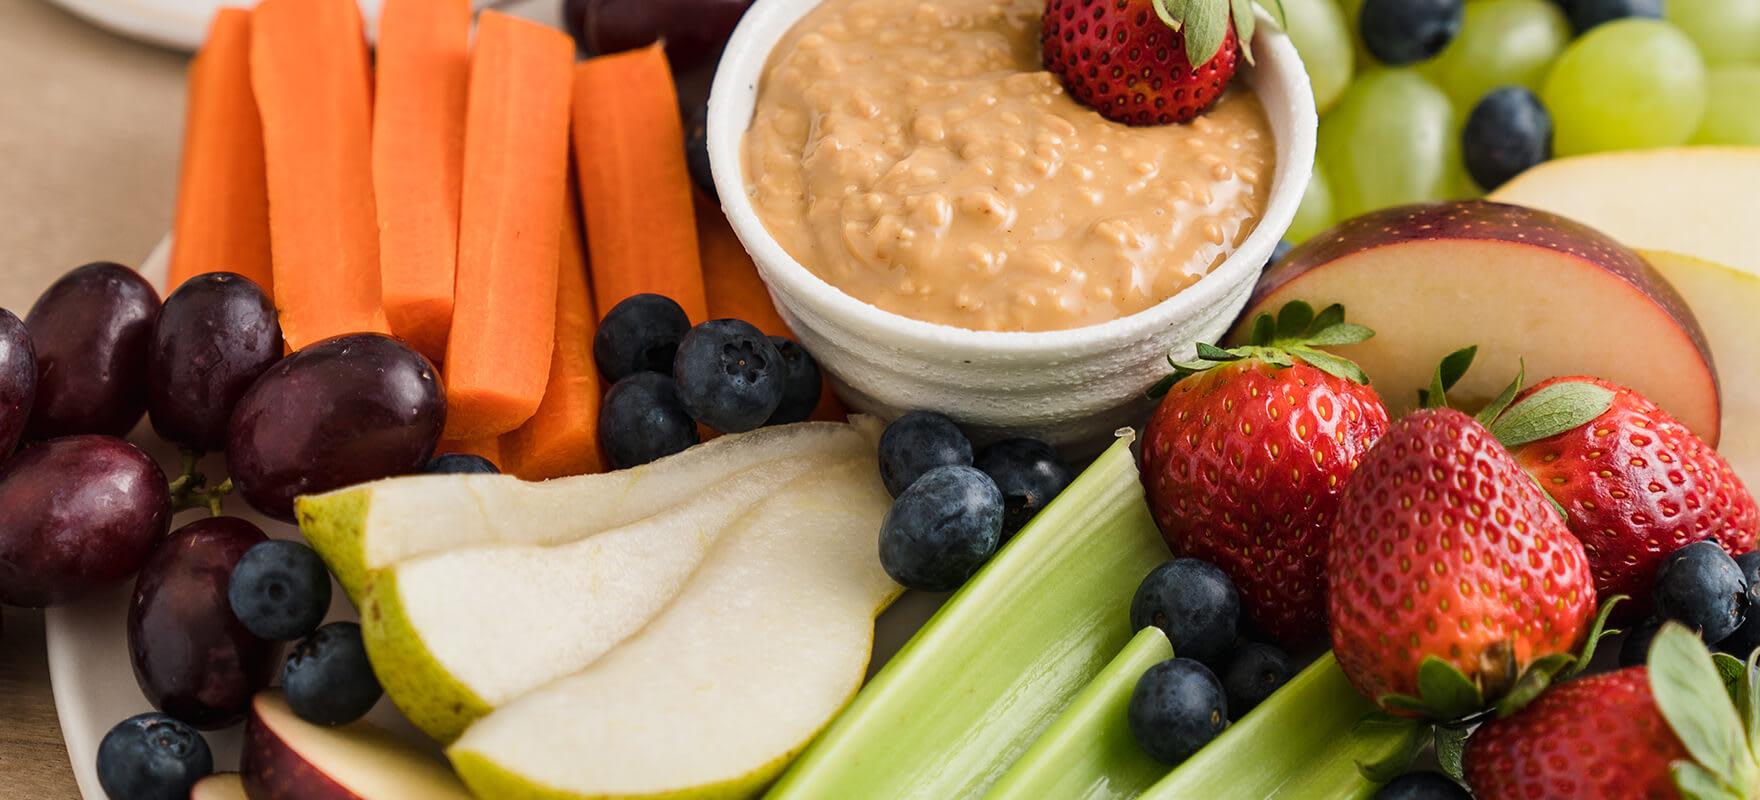 Peanut butter fruit & veggie platter image 2